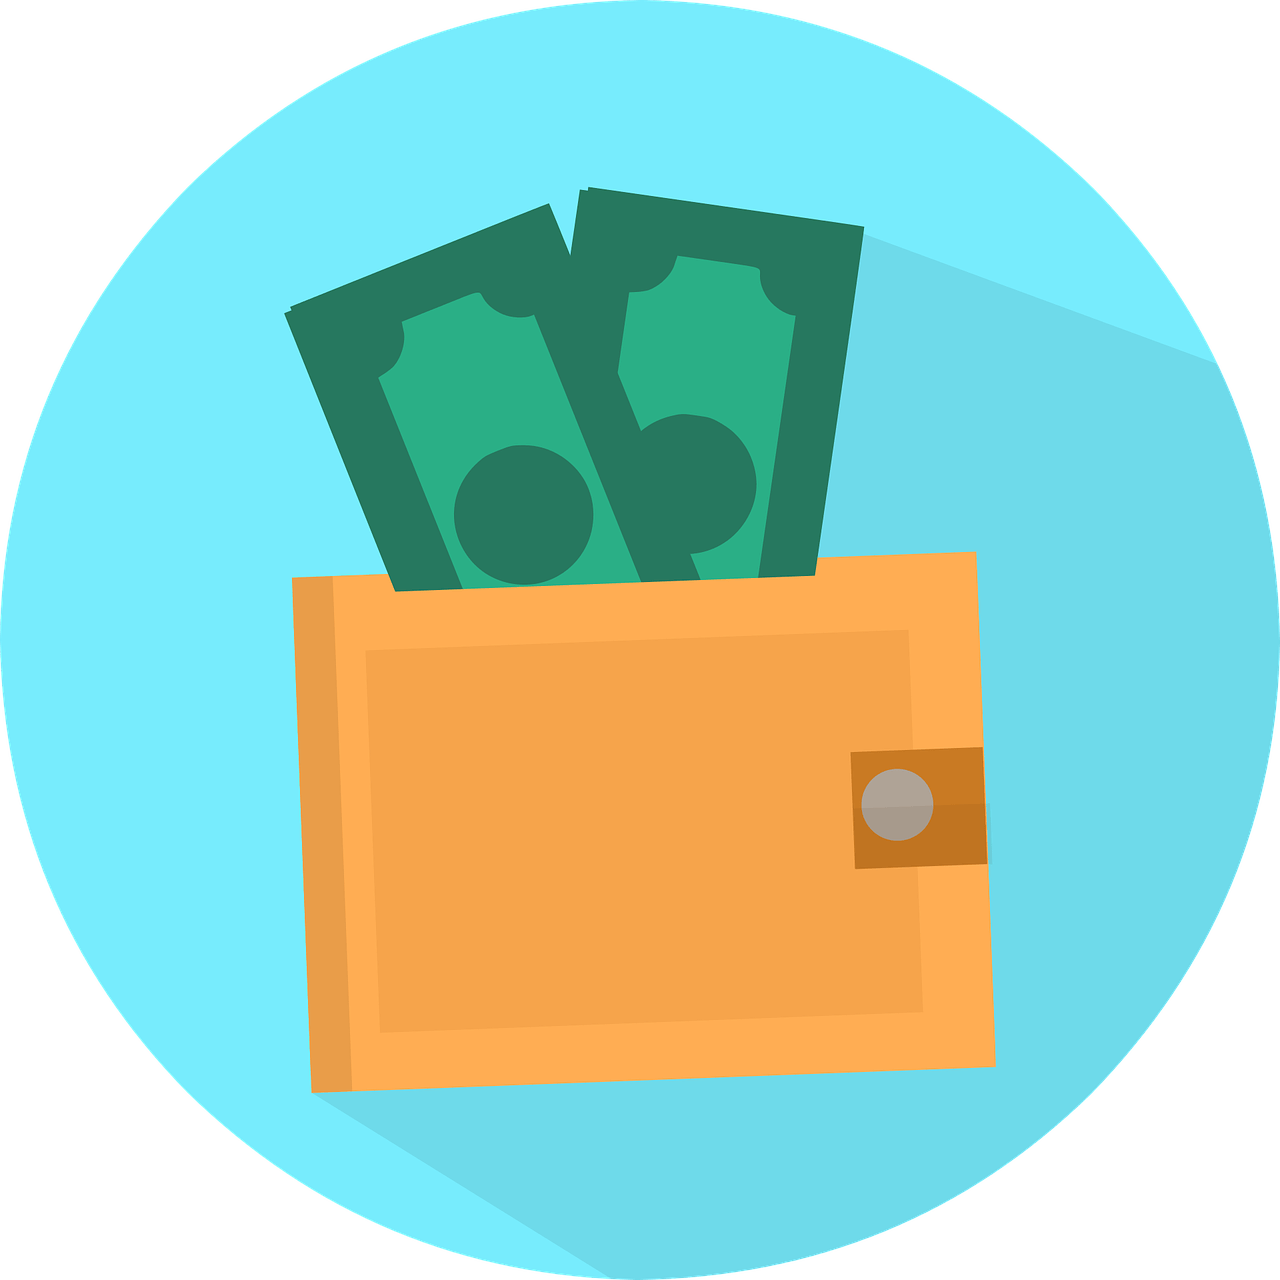 金運アップのために高い財布買うのは単なる浪費「金運とかどうでもいい」